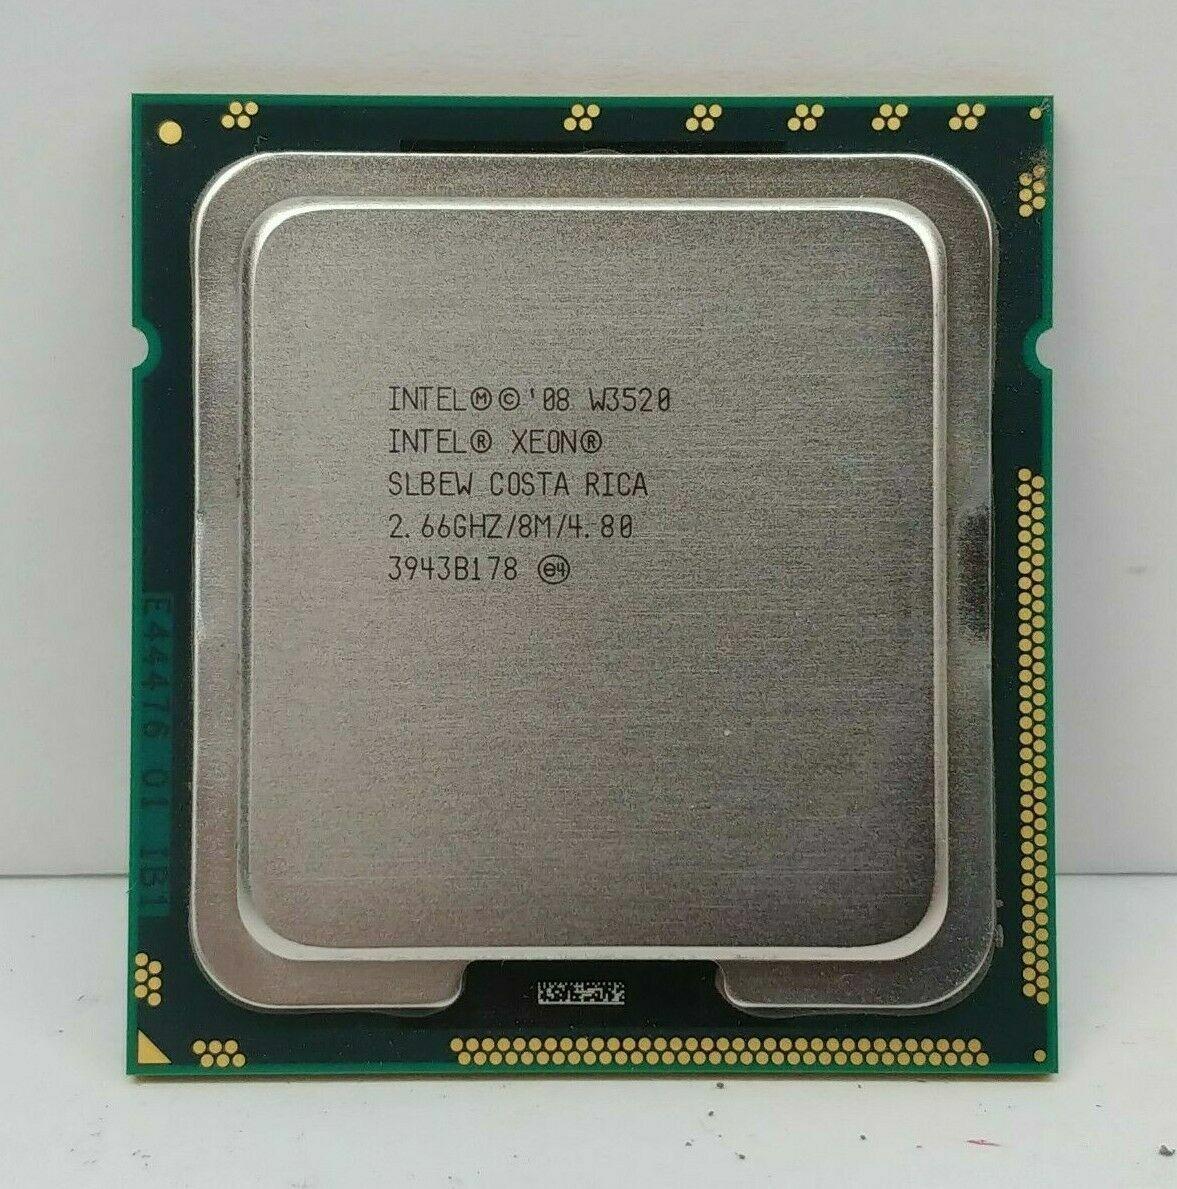 10 lot INTEL XEON W3520 2.66GHZ SLBEW QUAD CORE B LGA1366 8M CPU PROCESSOR